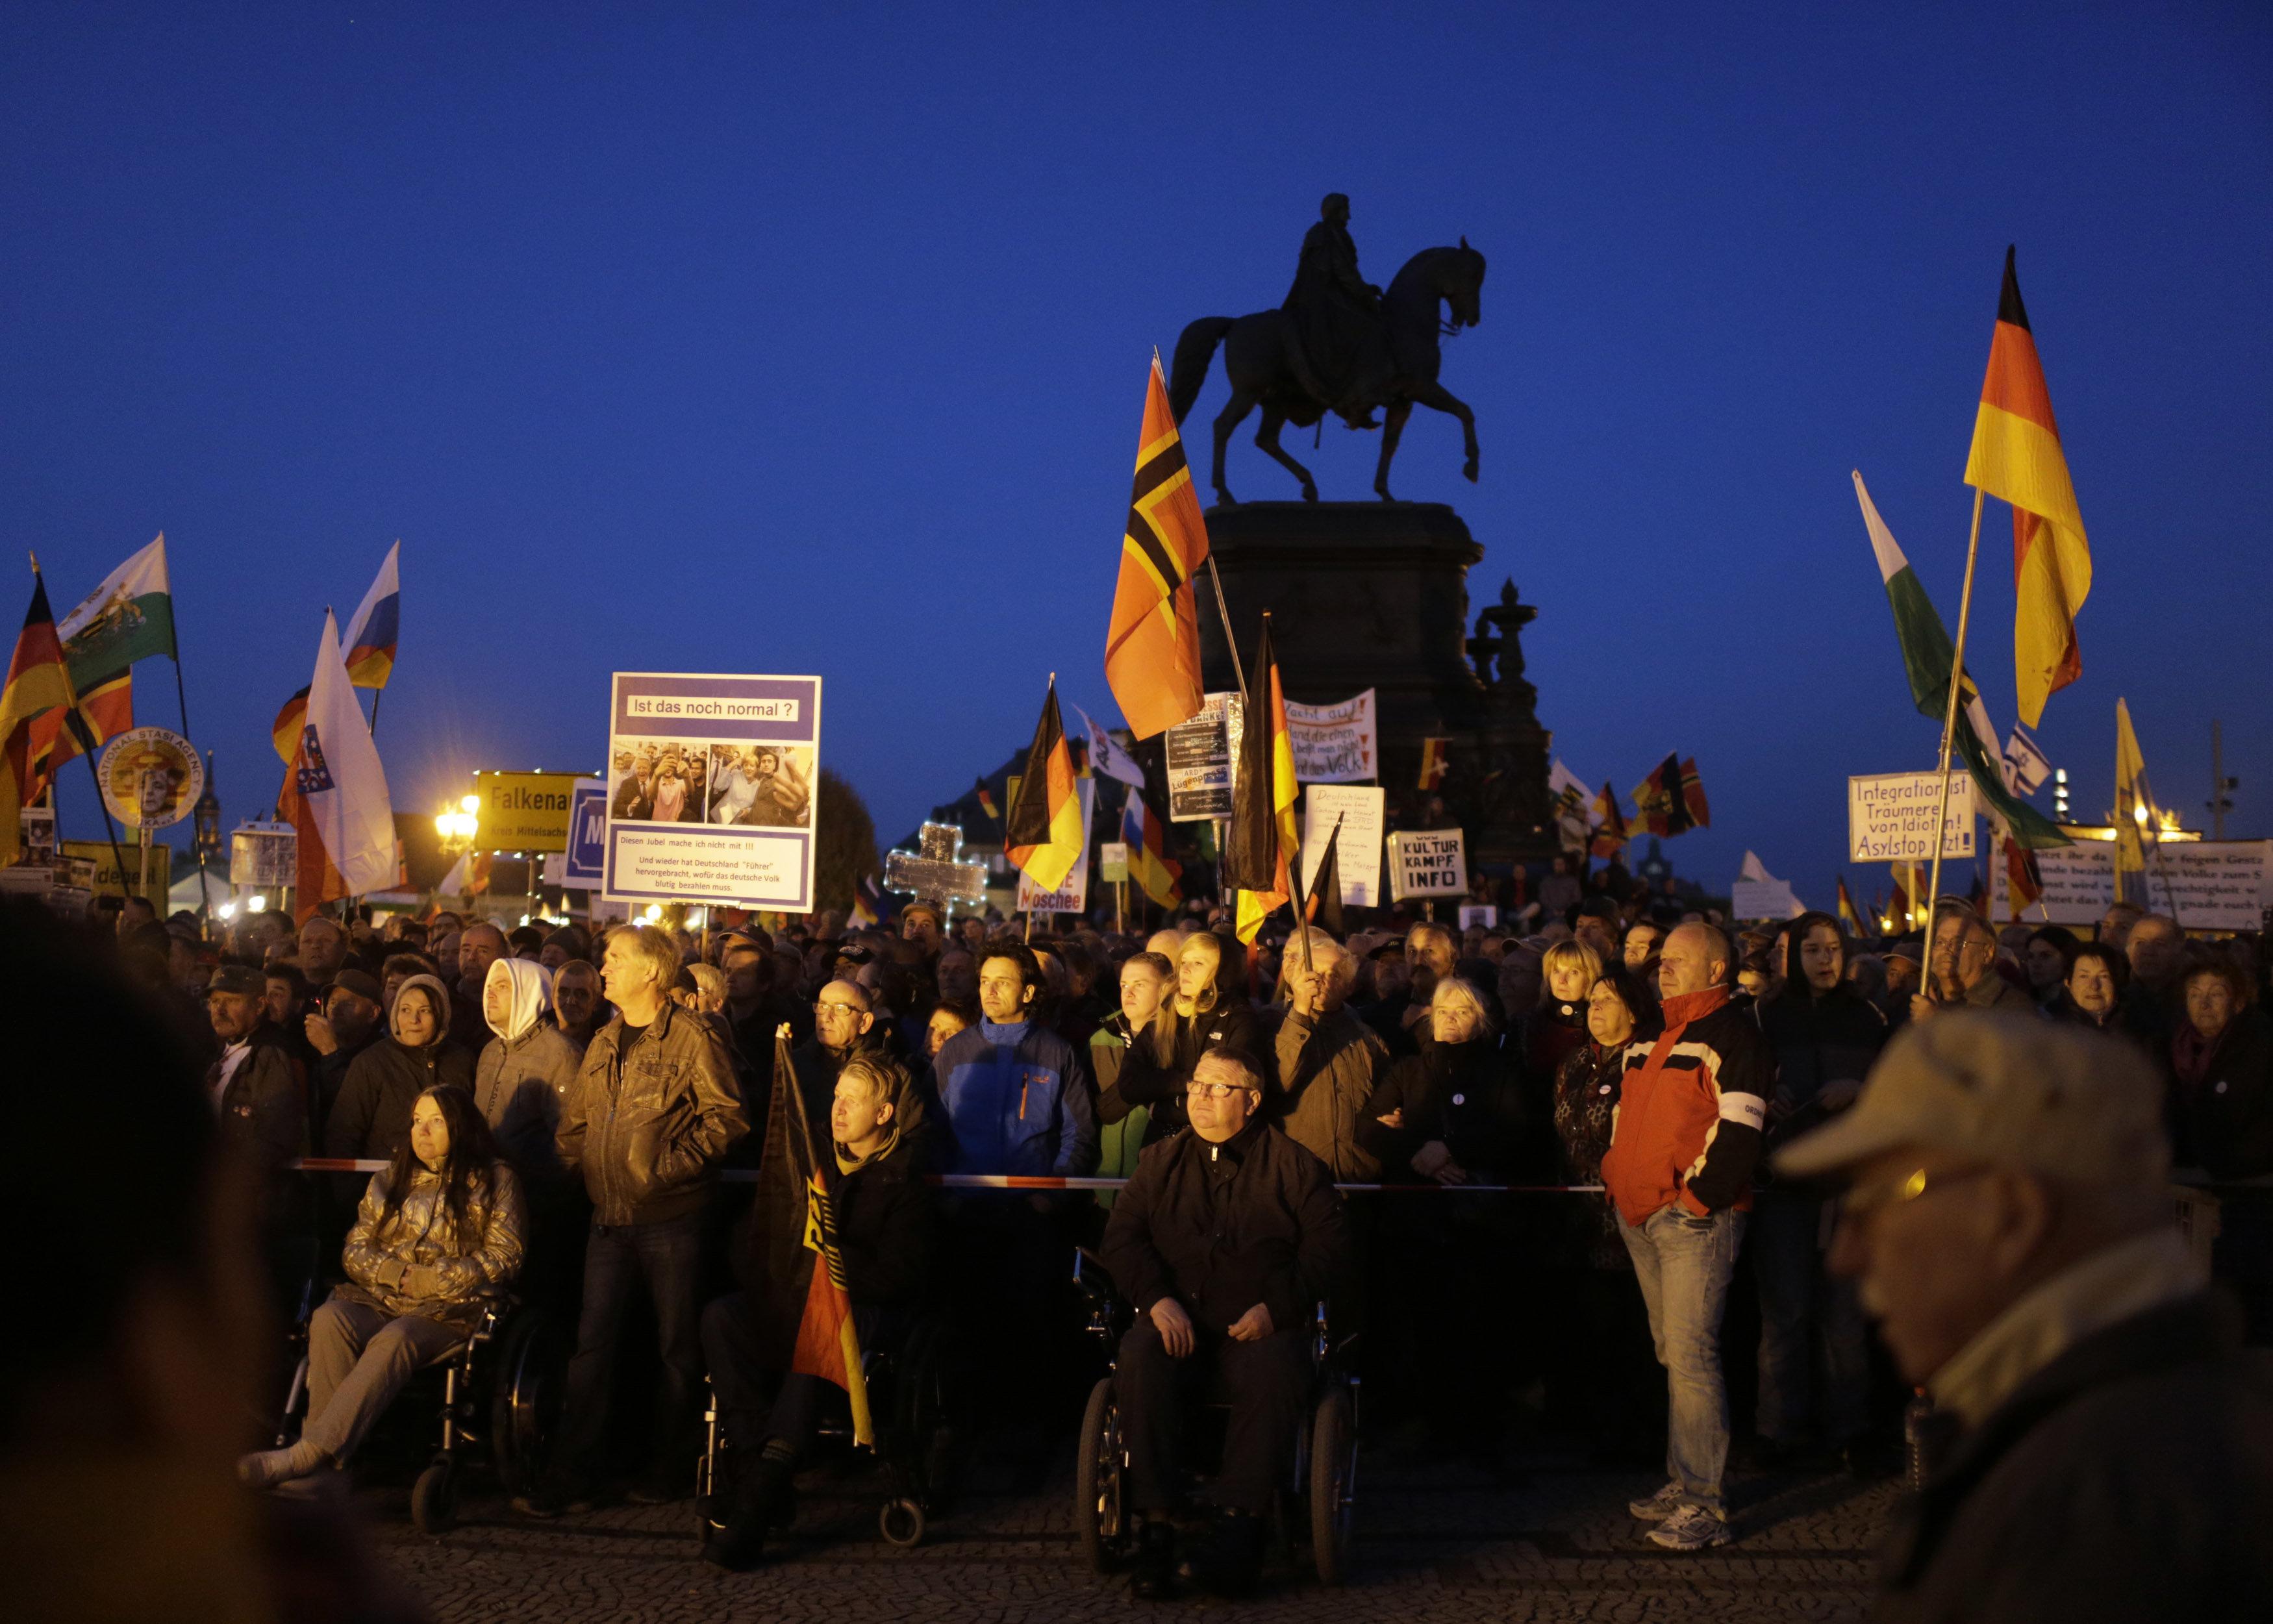 Liebe Ossis, euer Selbsthass ist zum Problem für unsere Demokratie